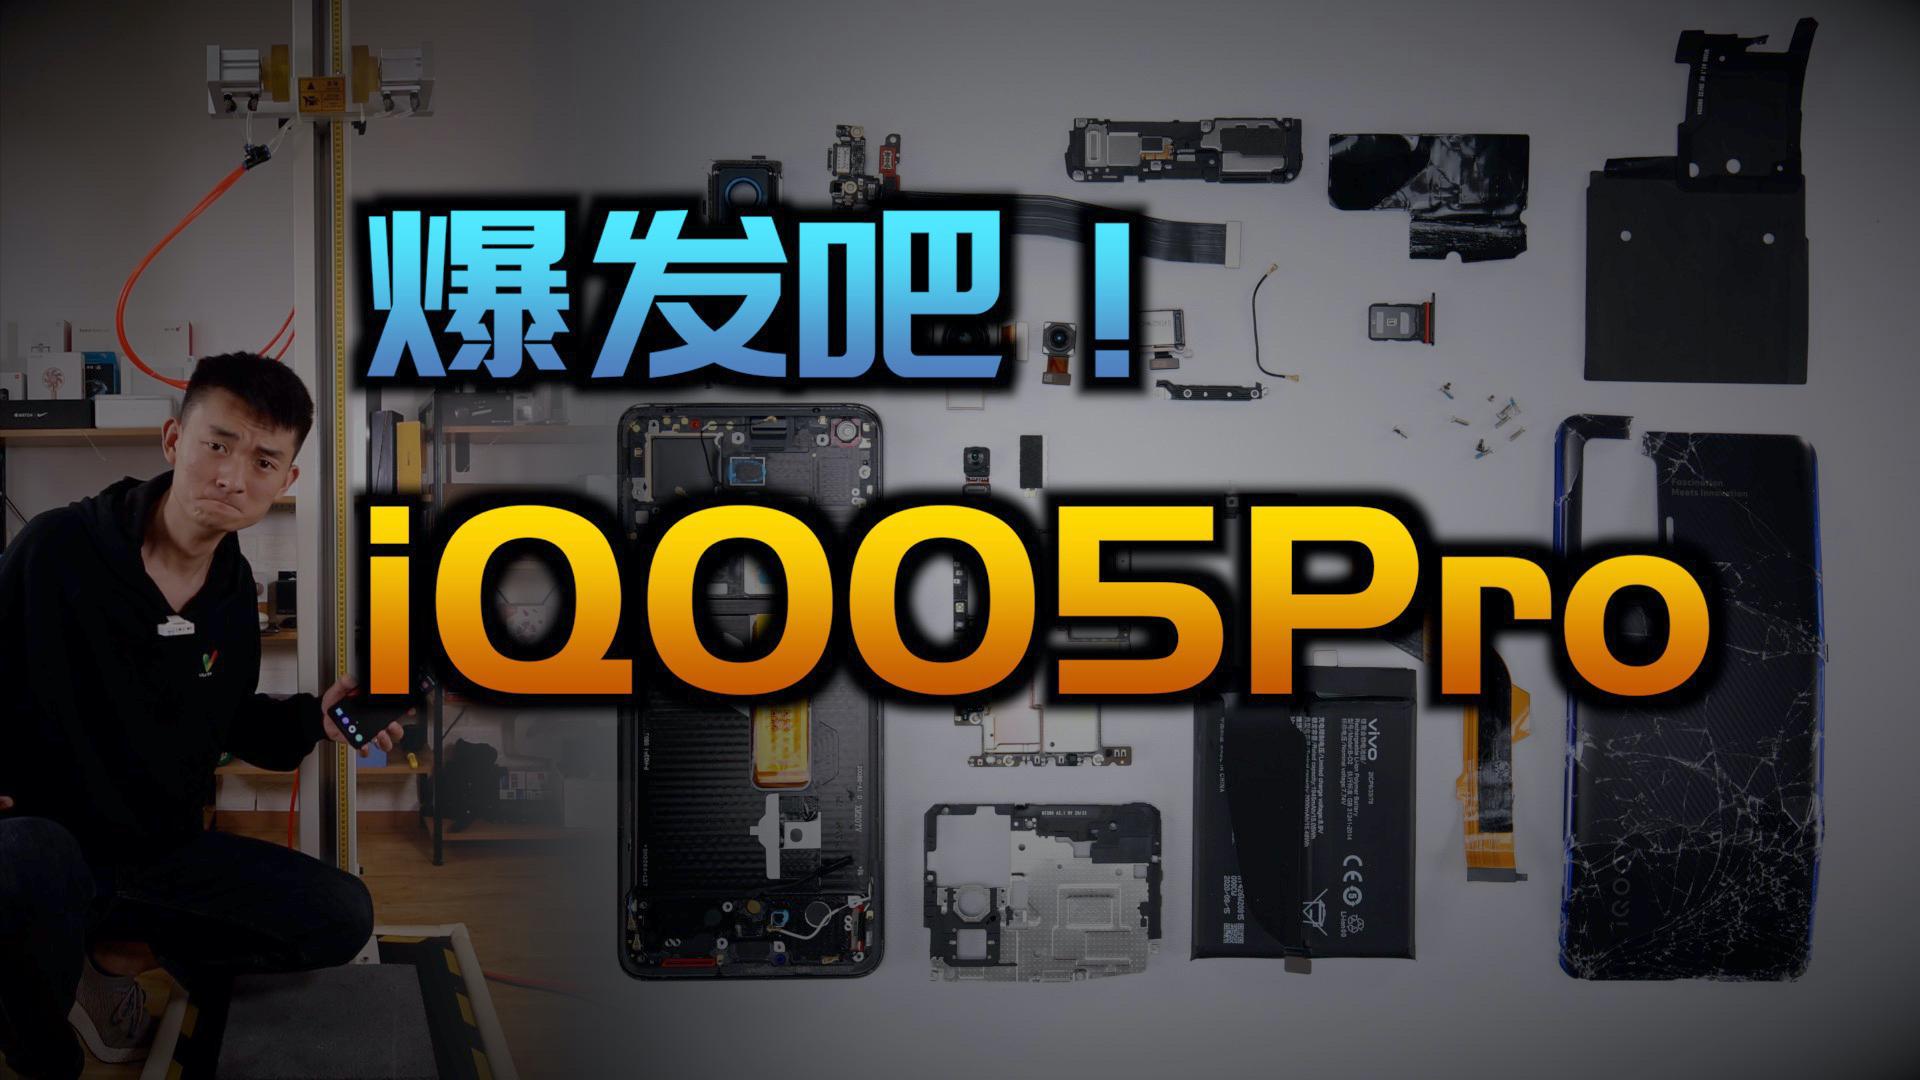 结果炸裂!iQOO5Pro全网独家跌落质量测试+完全拆解【新评科技】